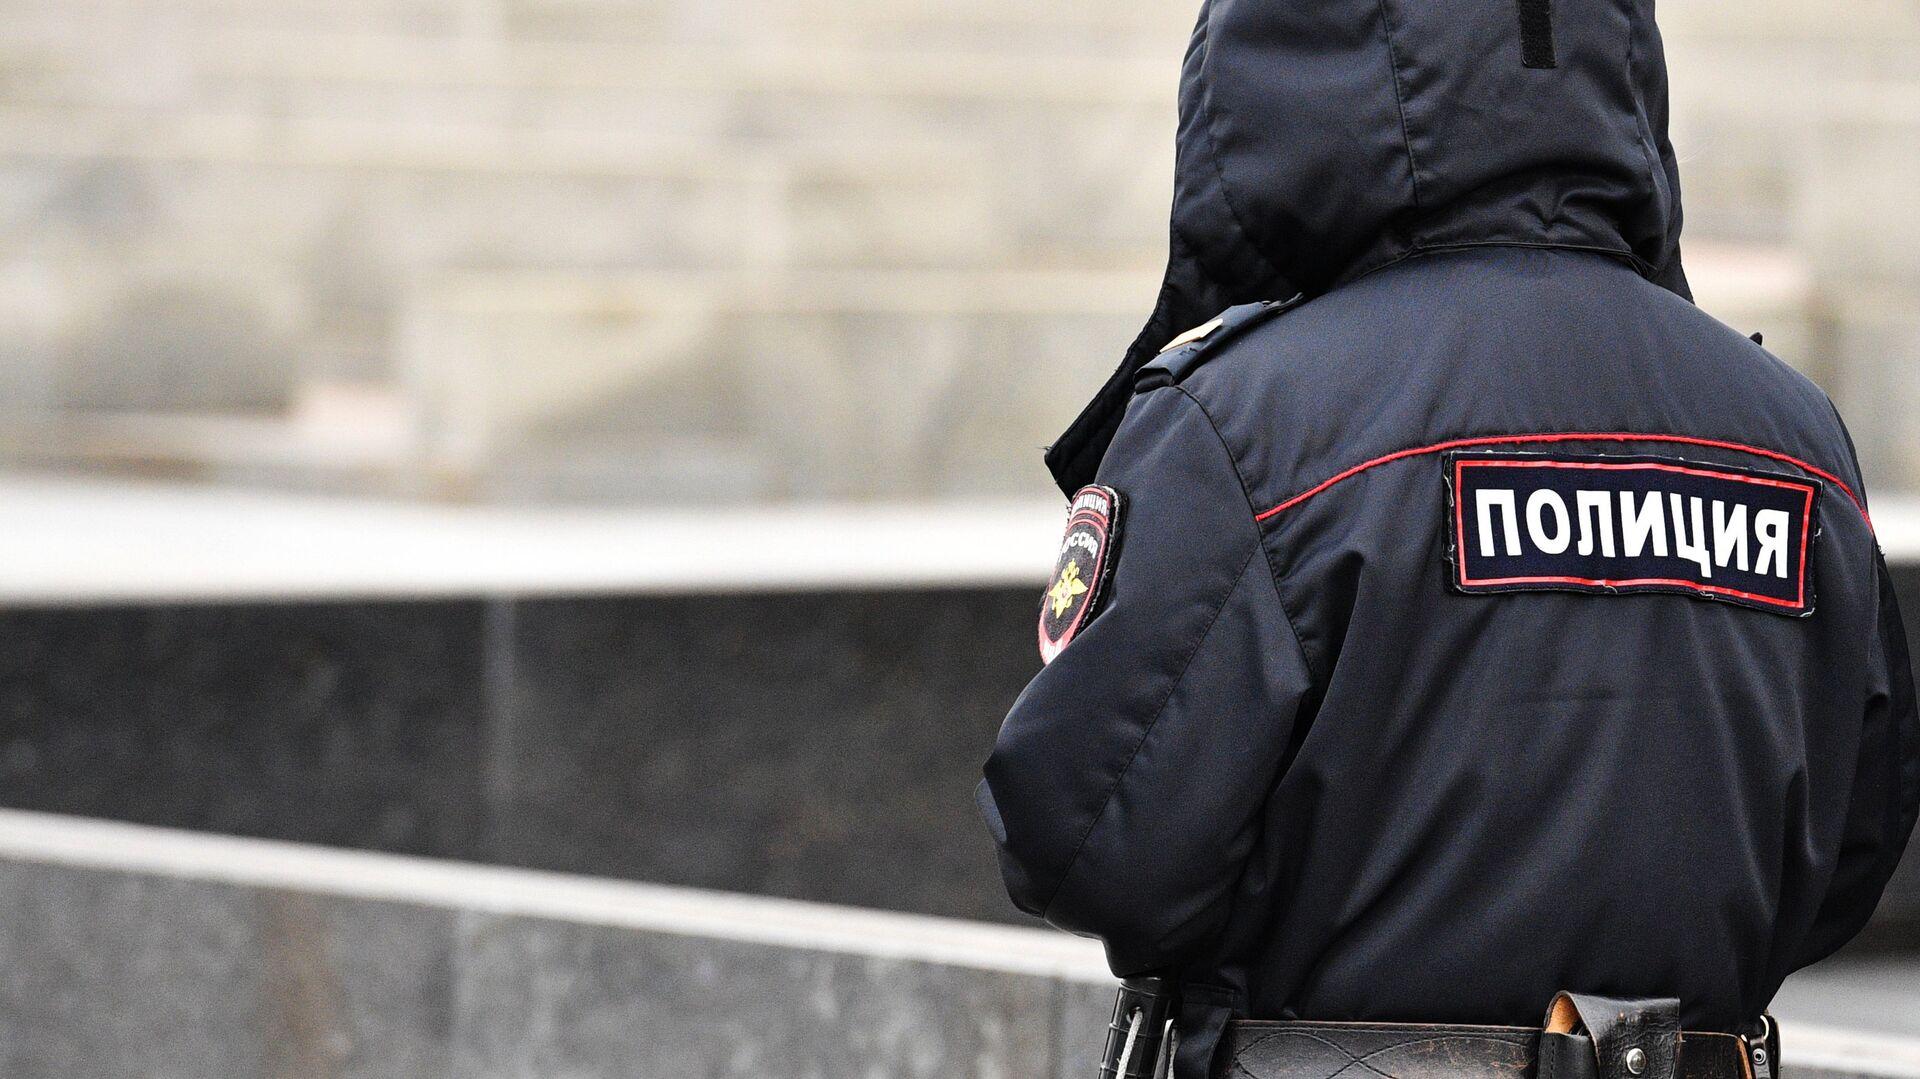 Сотрудник полиции - РИА Новости, 1920, 09.12.2020